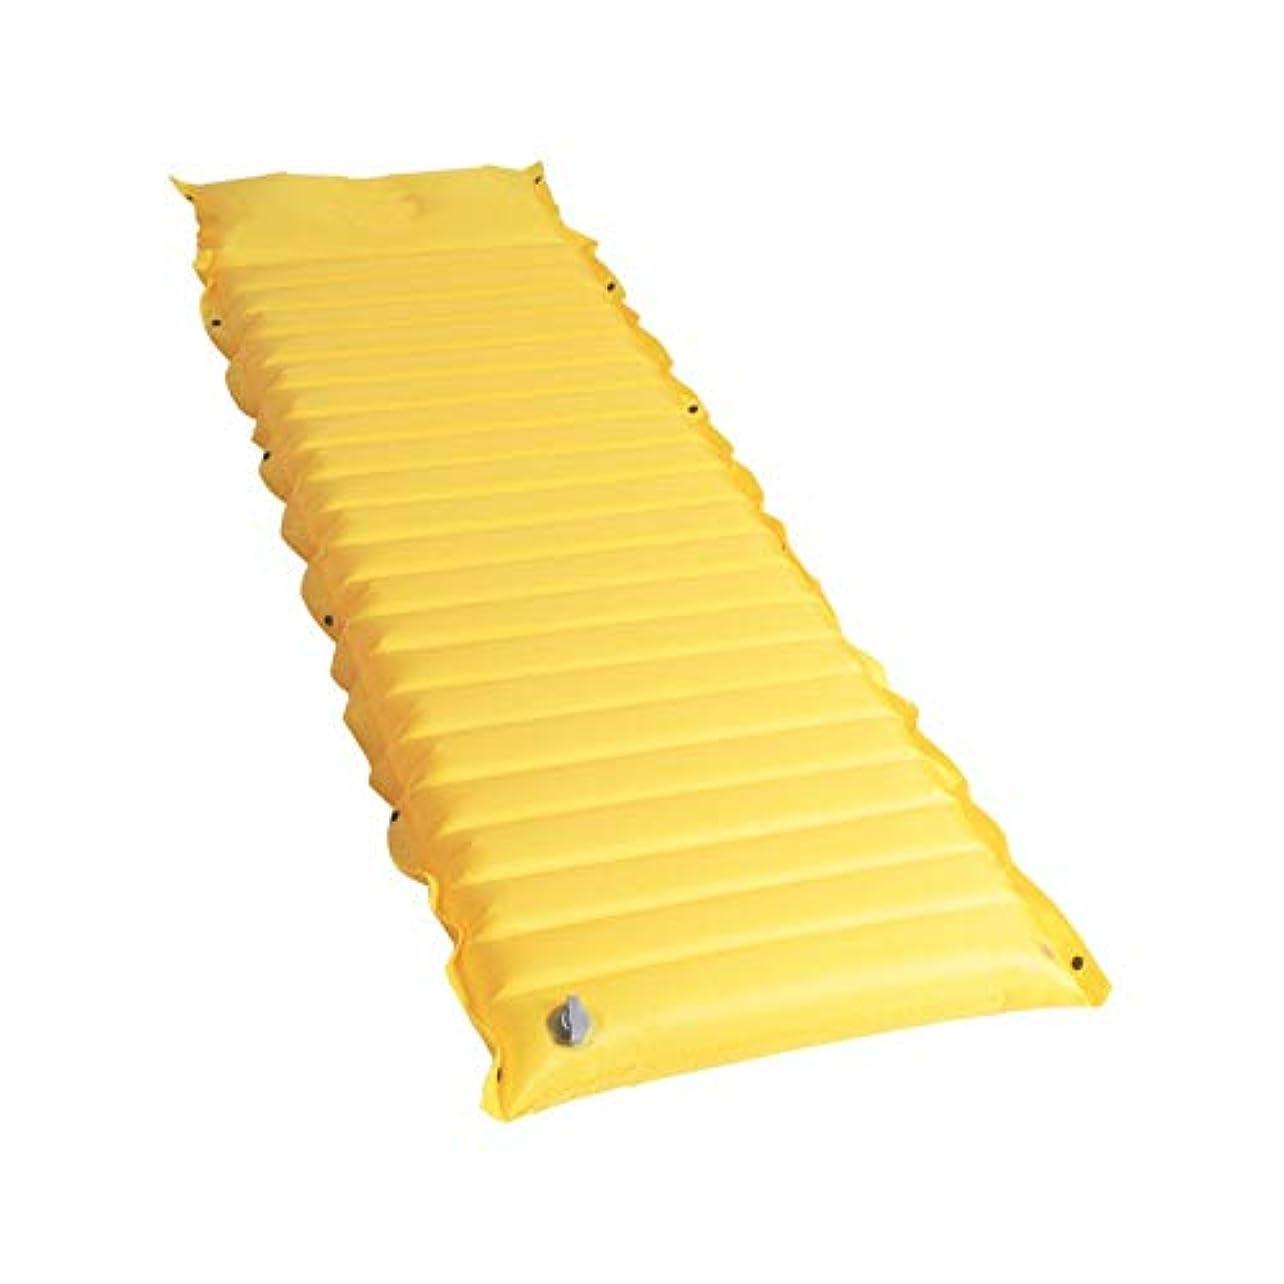 閉じるのためにわかるFeelyer エアマットレスポータブルキャンプ用スリーピングパッド膨張しやすいコンパクトでコンパクトな耐久性品質保証品質保証 顧客に愛されて (色 : 黄, サイズ : 185*55*8CM)